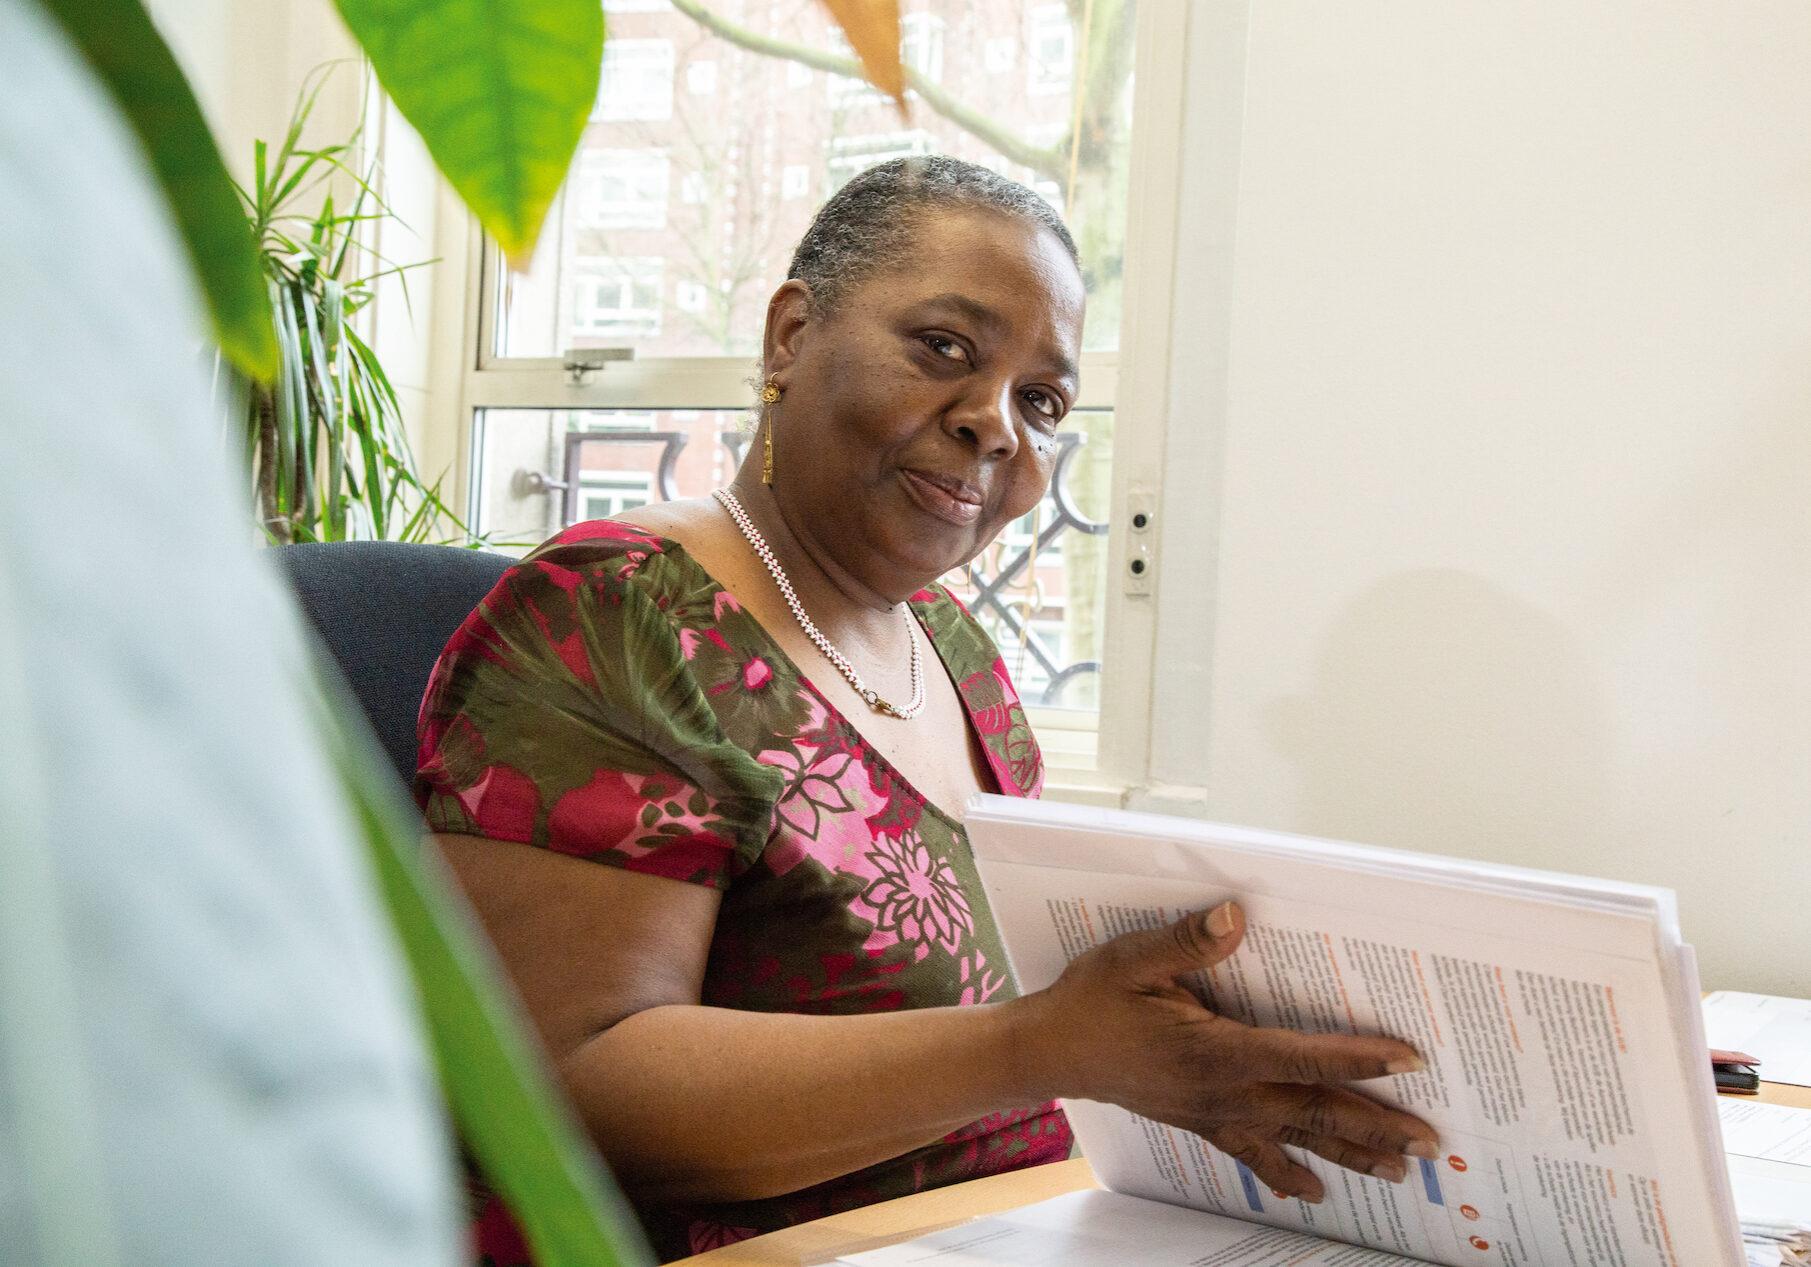 Op deze foto is een dame te zien die een opengeslagen map vasthoudt. De vrouw kijkt in de camera en draagt een gebloemde blouse.